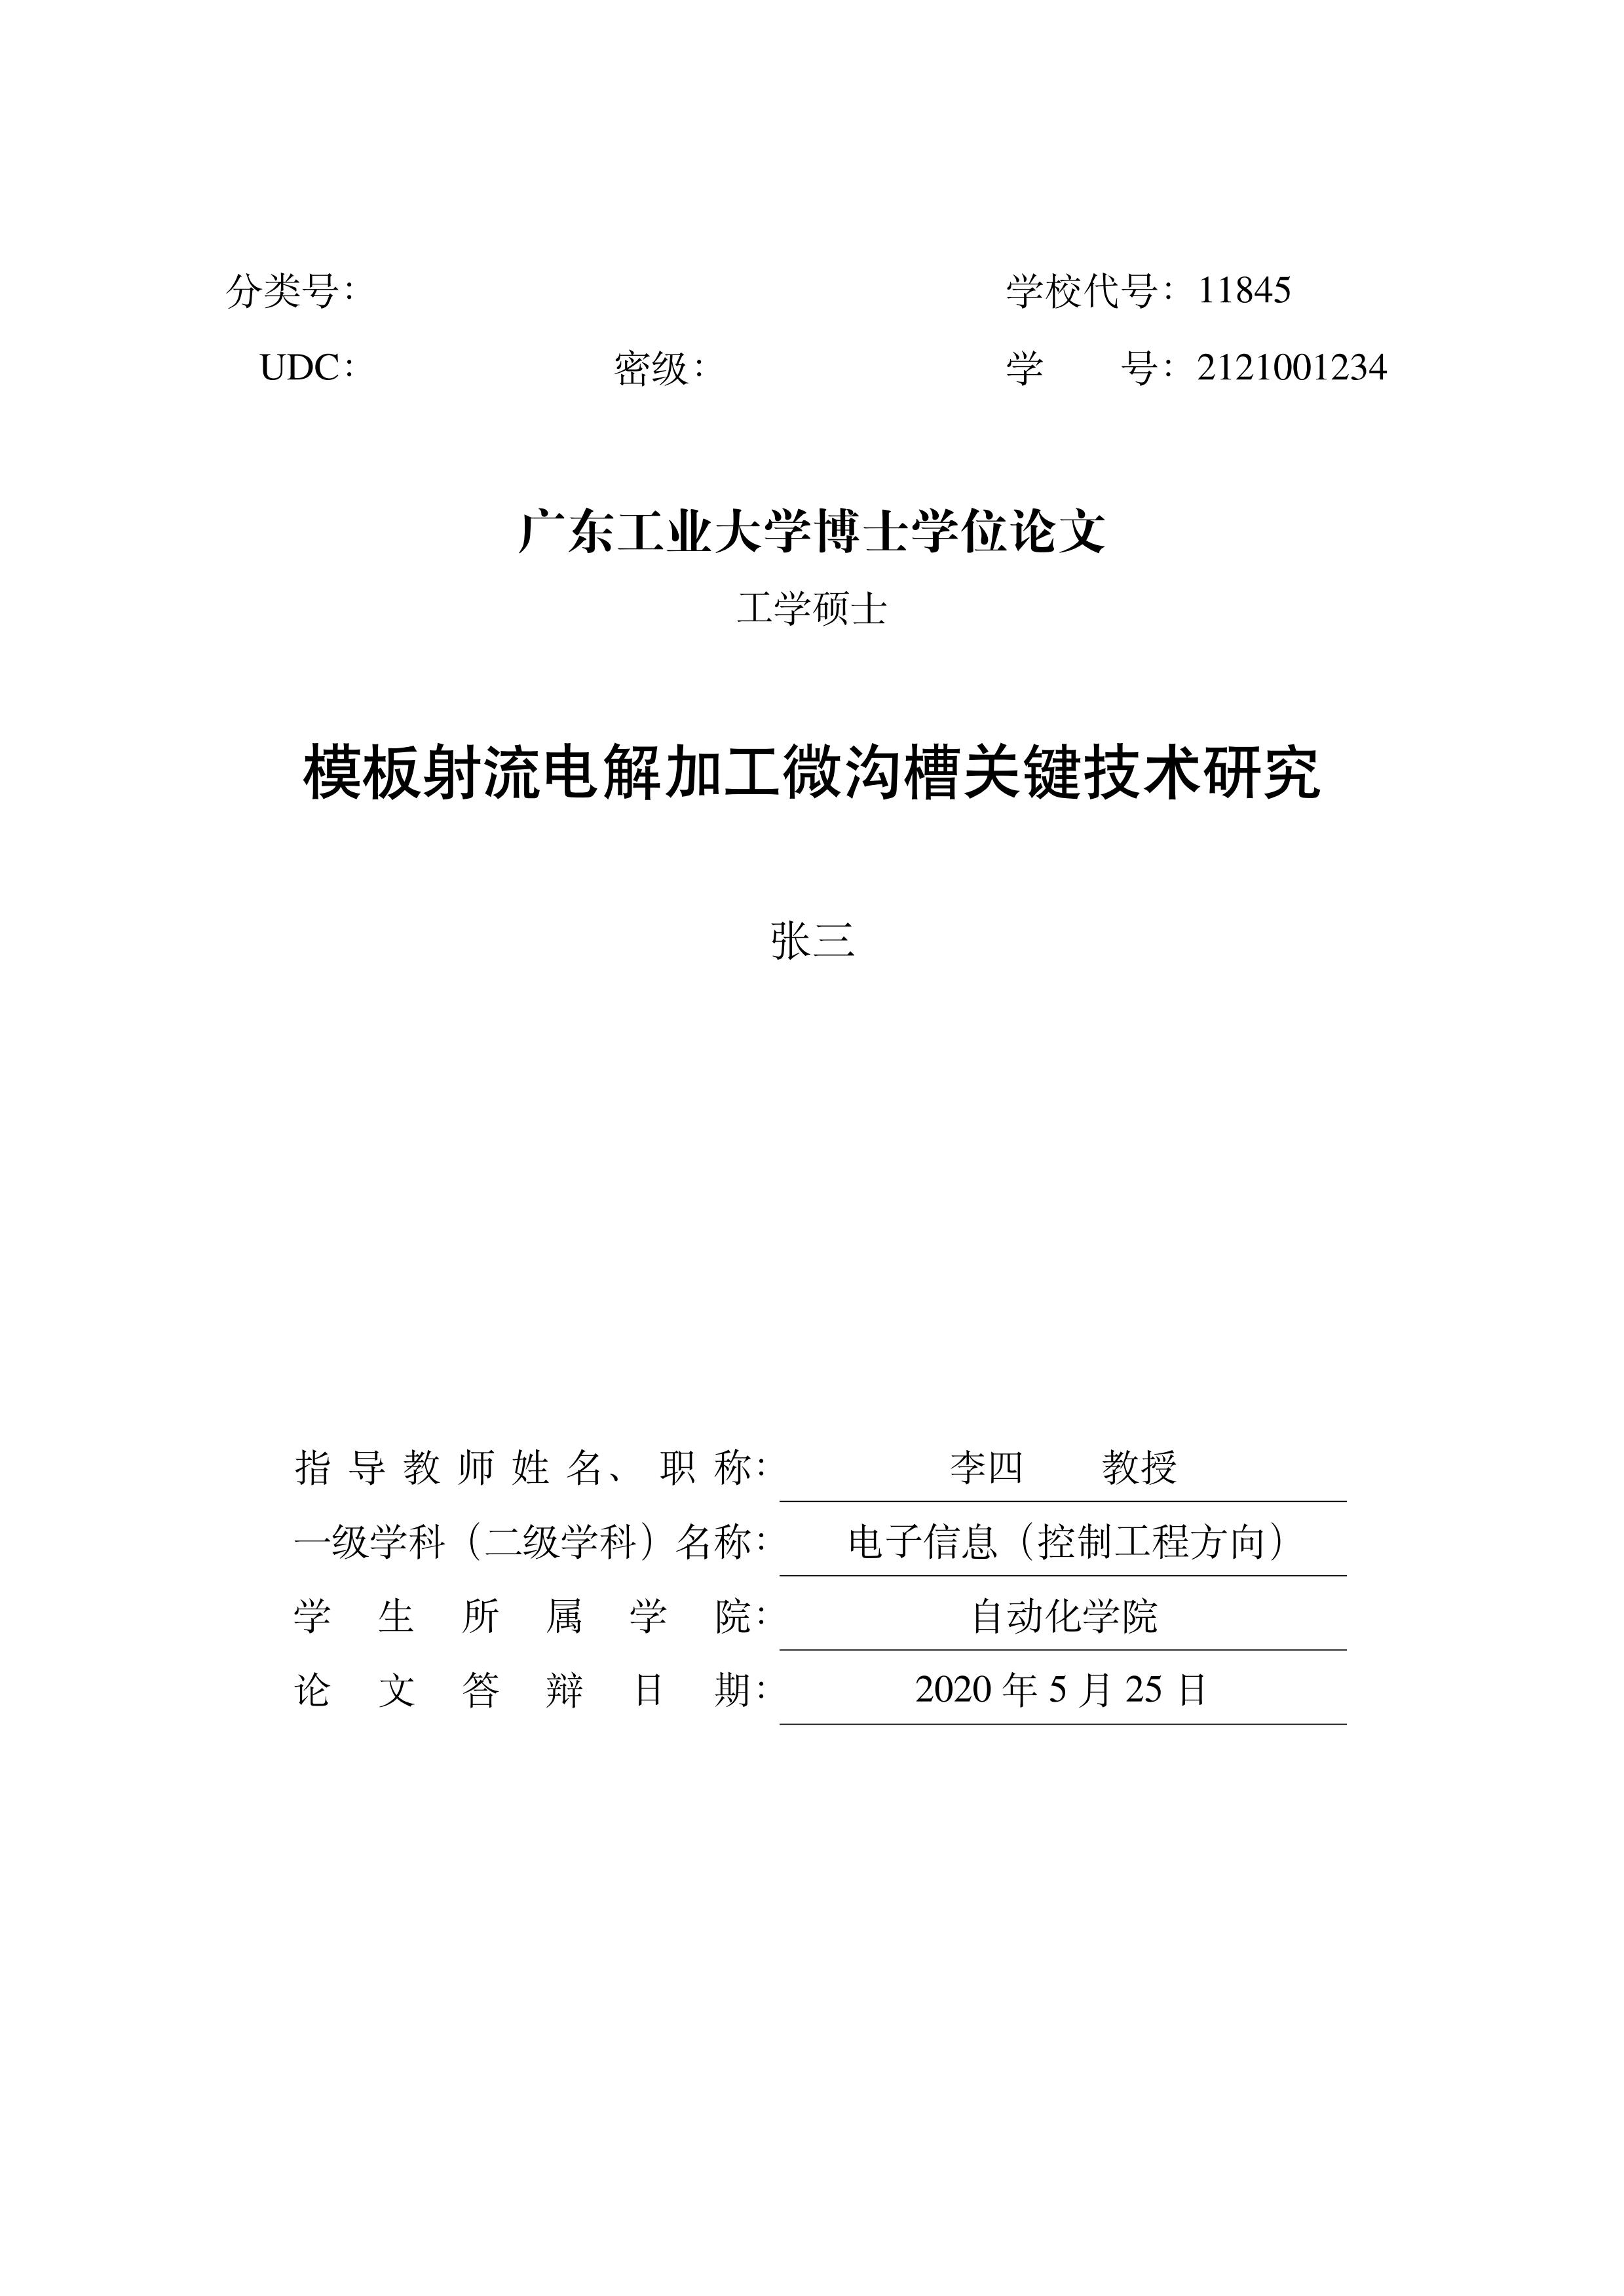 广东工业大学硕博学位论文 LaTeX 模板(预测试版)